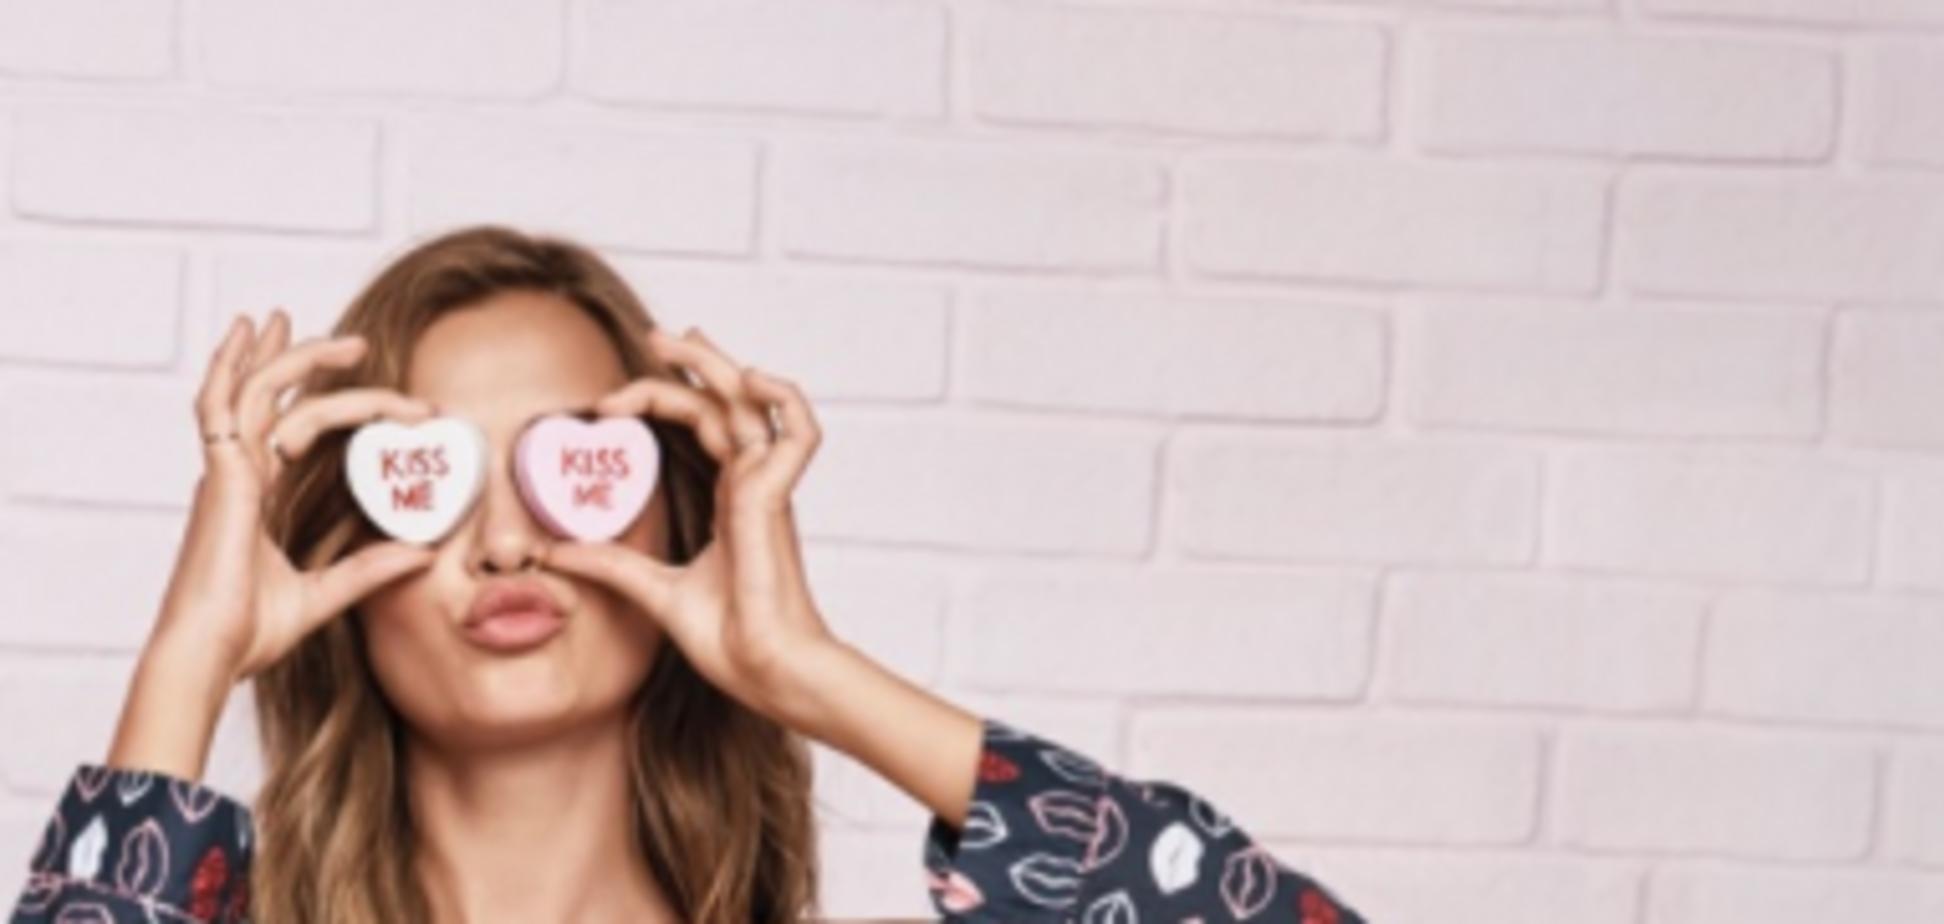 Коллекция белья ко Дню Валентина